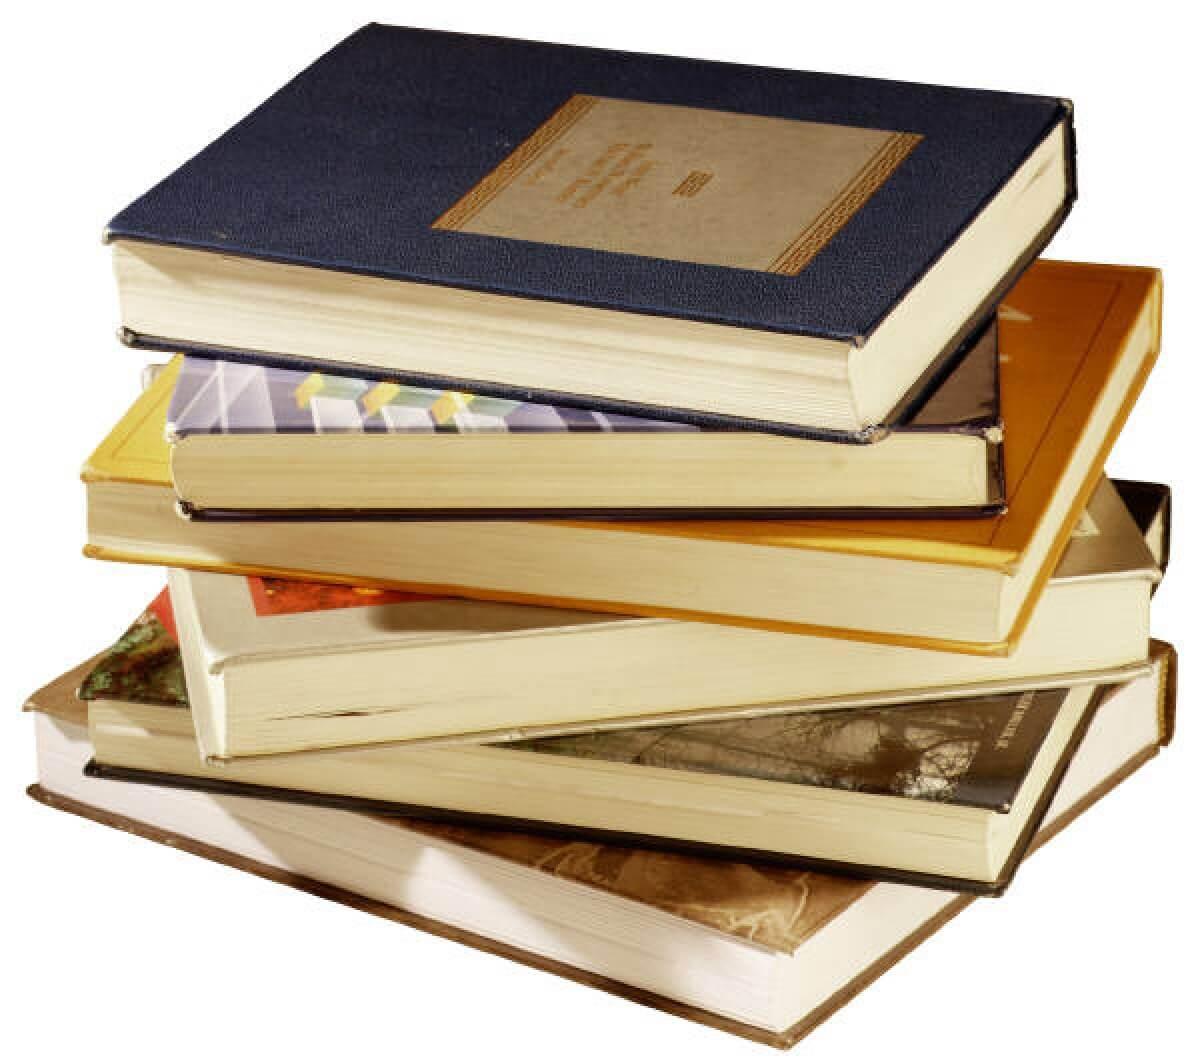 books-jpg-aspx